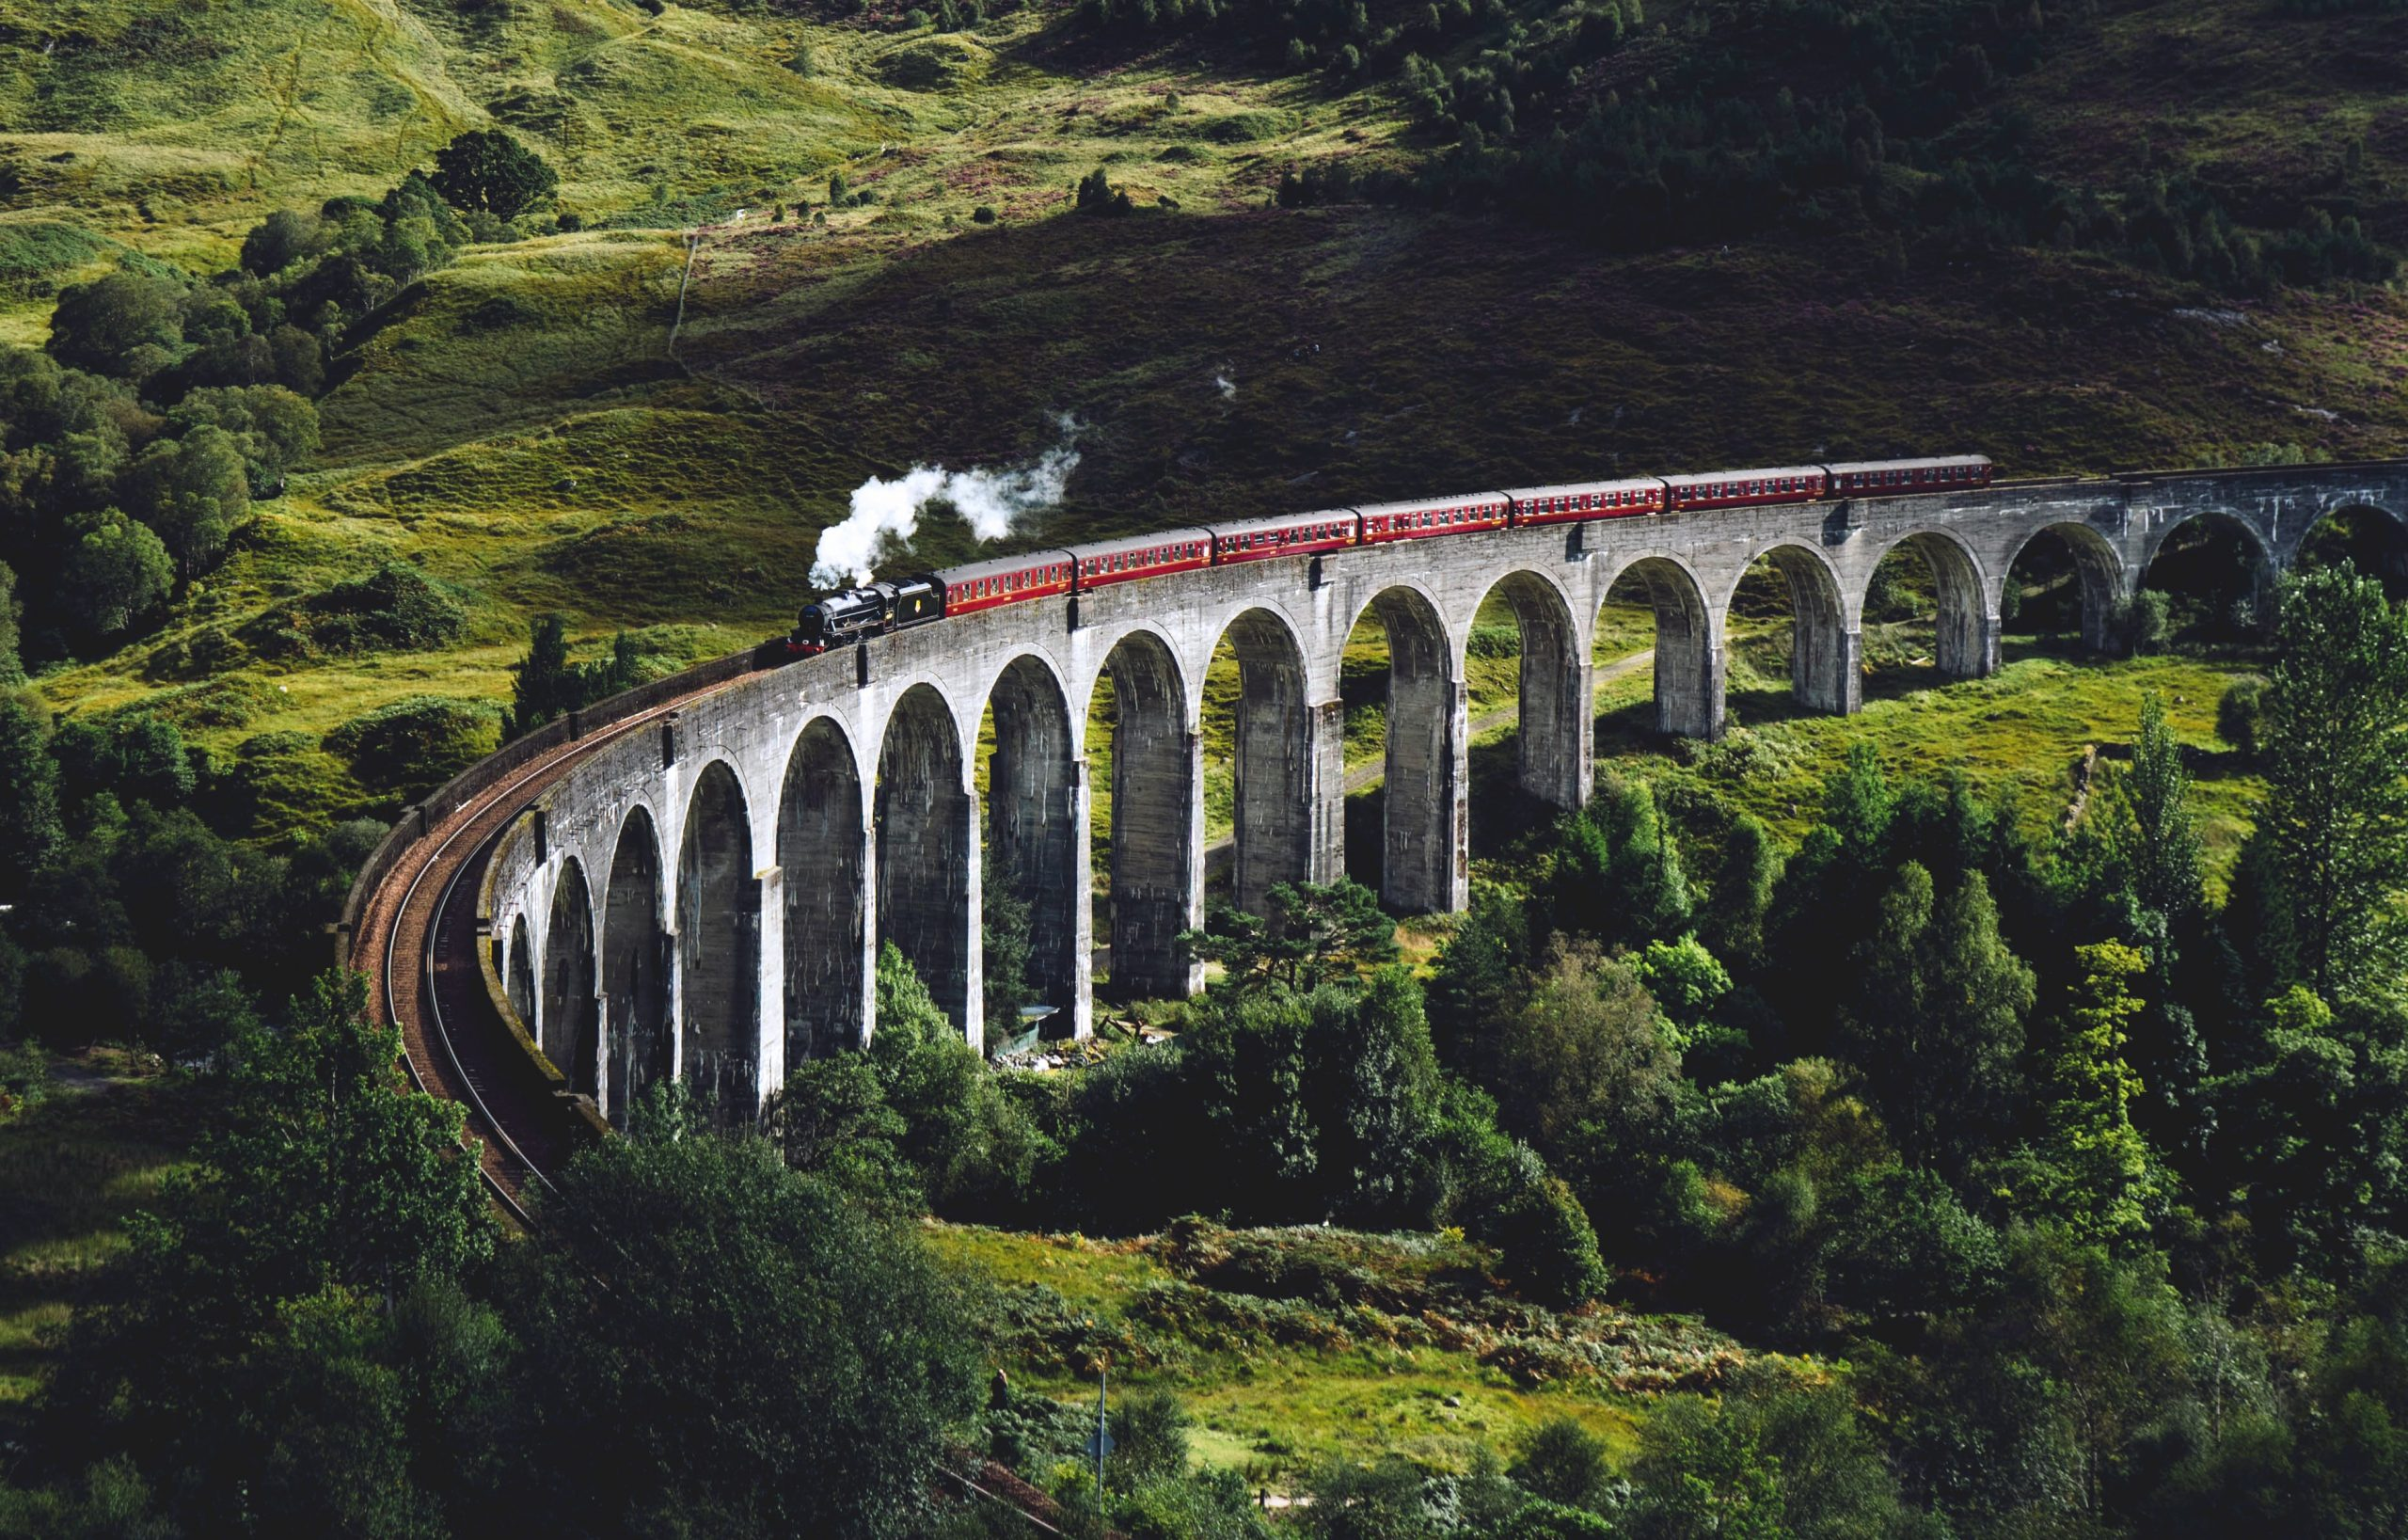 A Scenic Train Journey